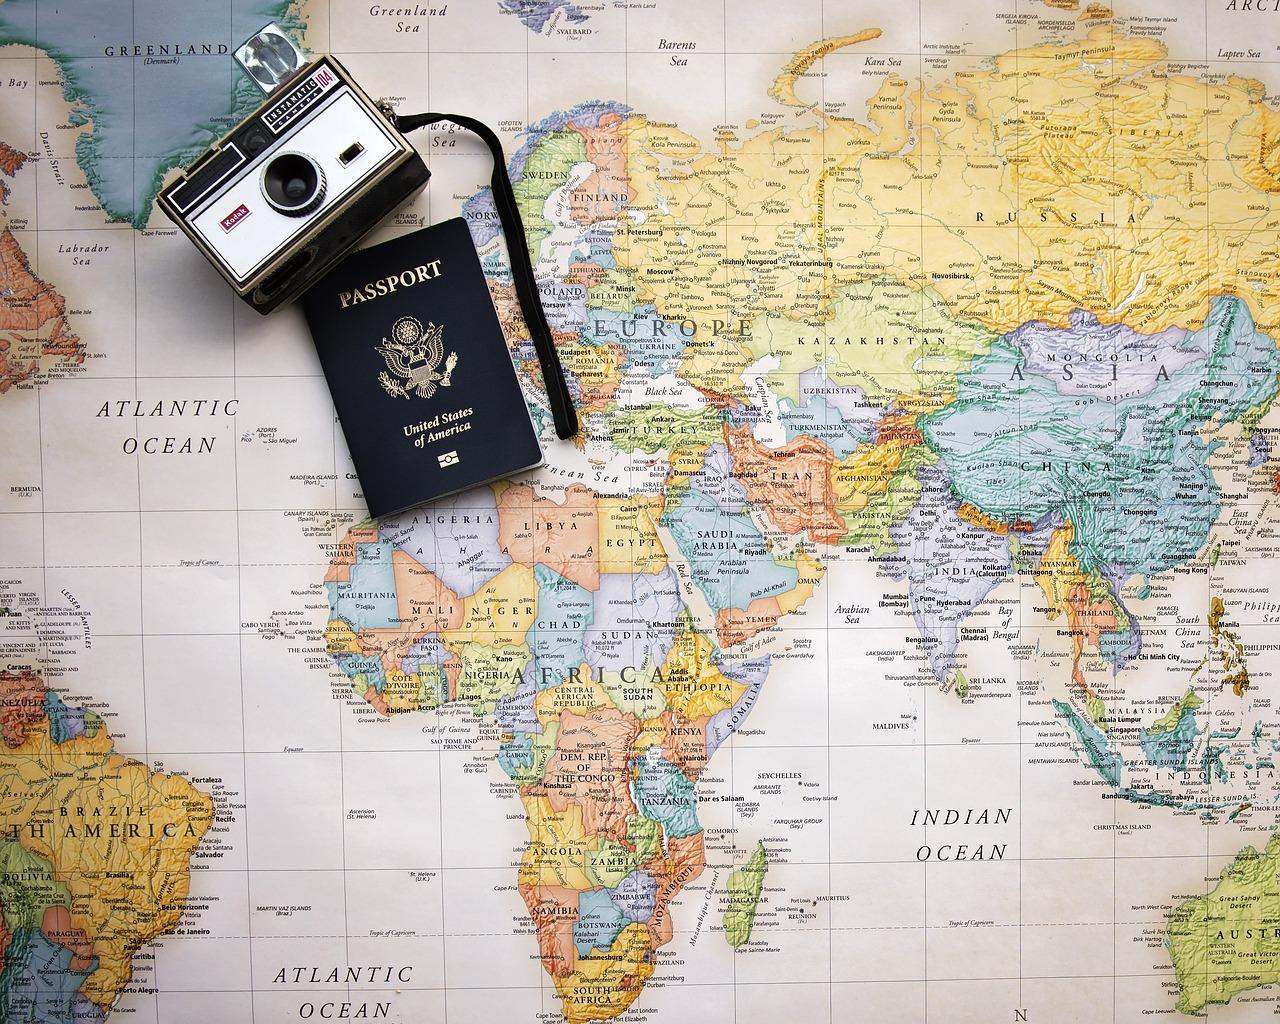 Dicas da Espanha - tudo o que você precisa saber antes de viajar